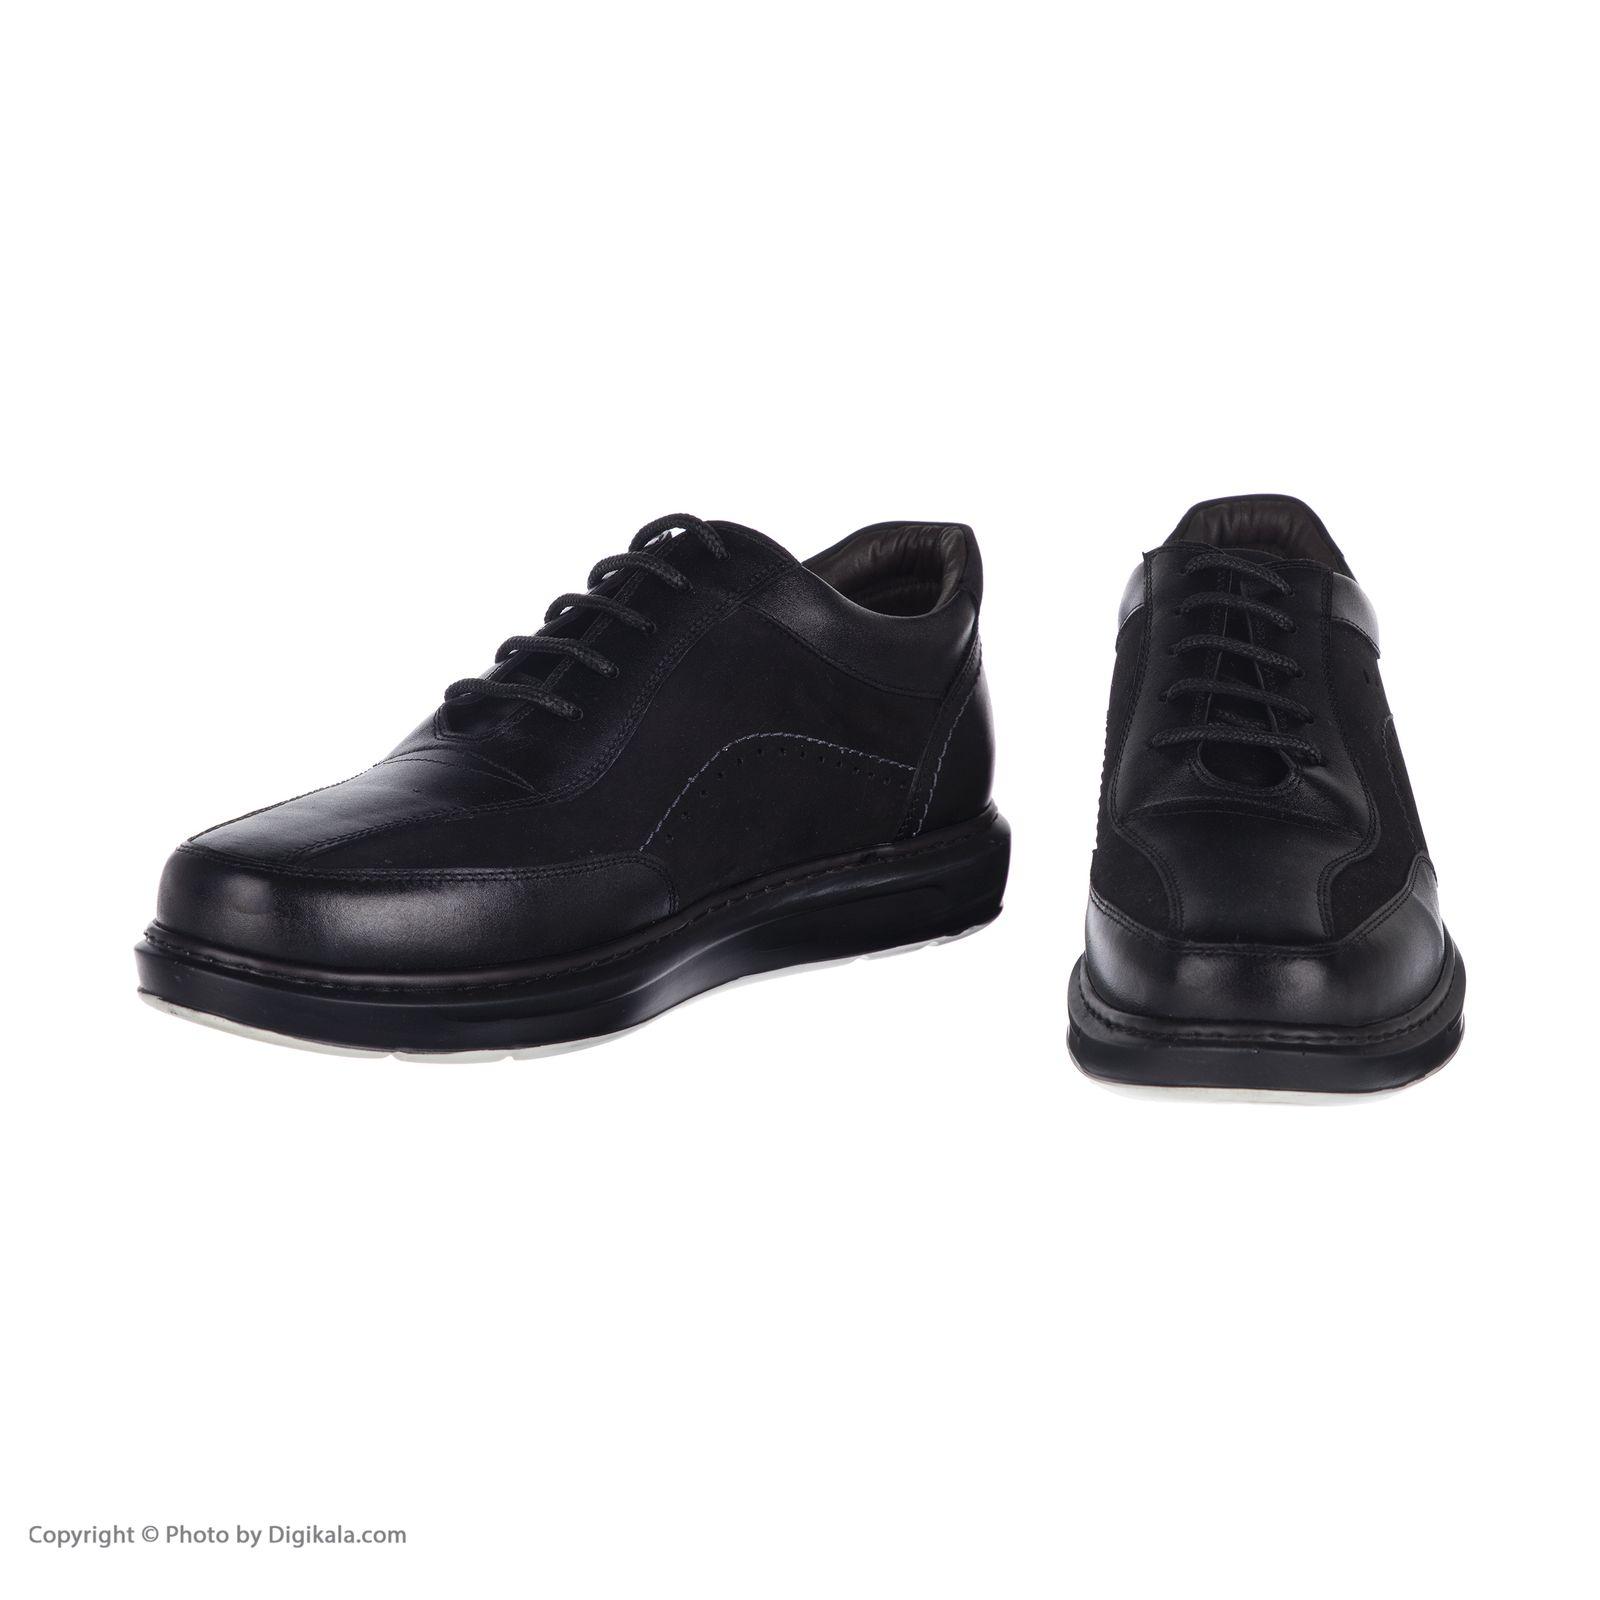 کفش روزمره مردانه دانادل مدل 8602A503101 -  - 5